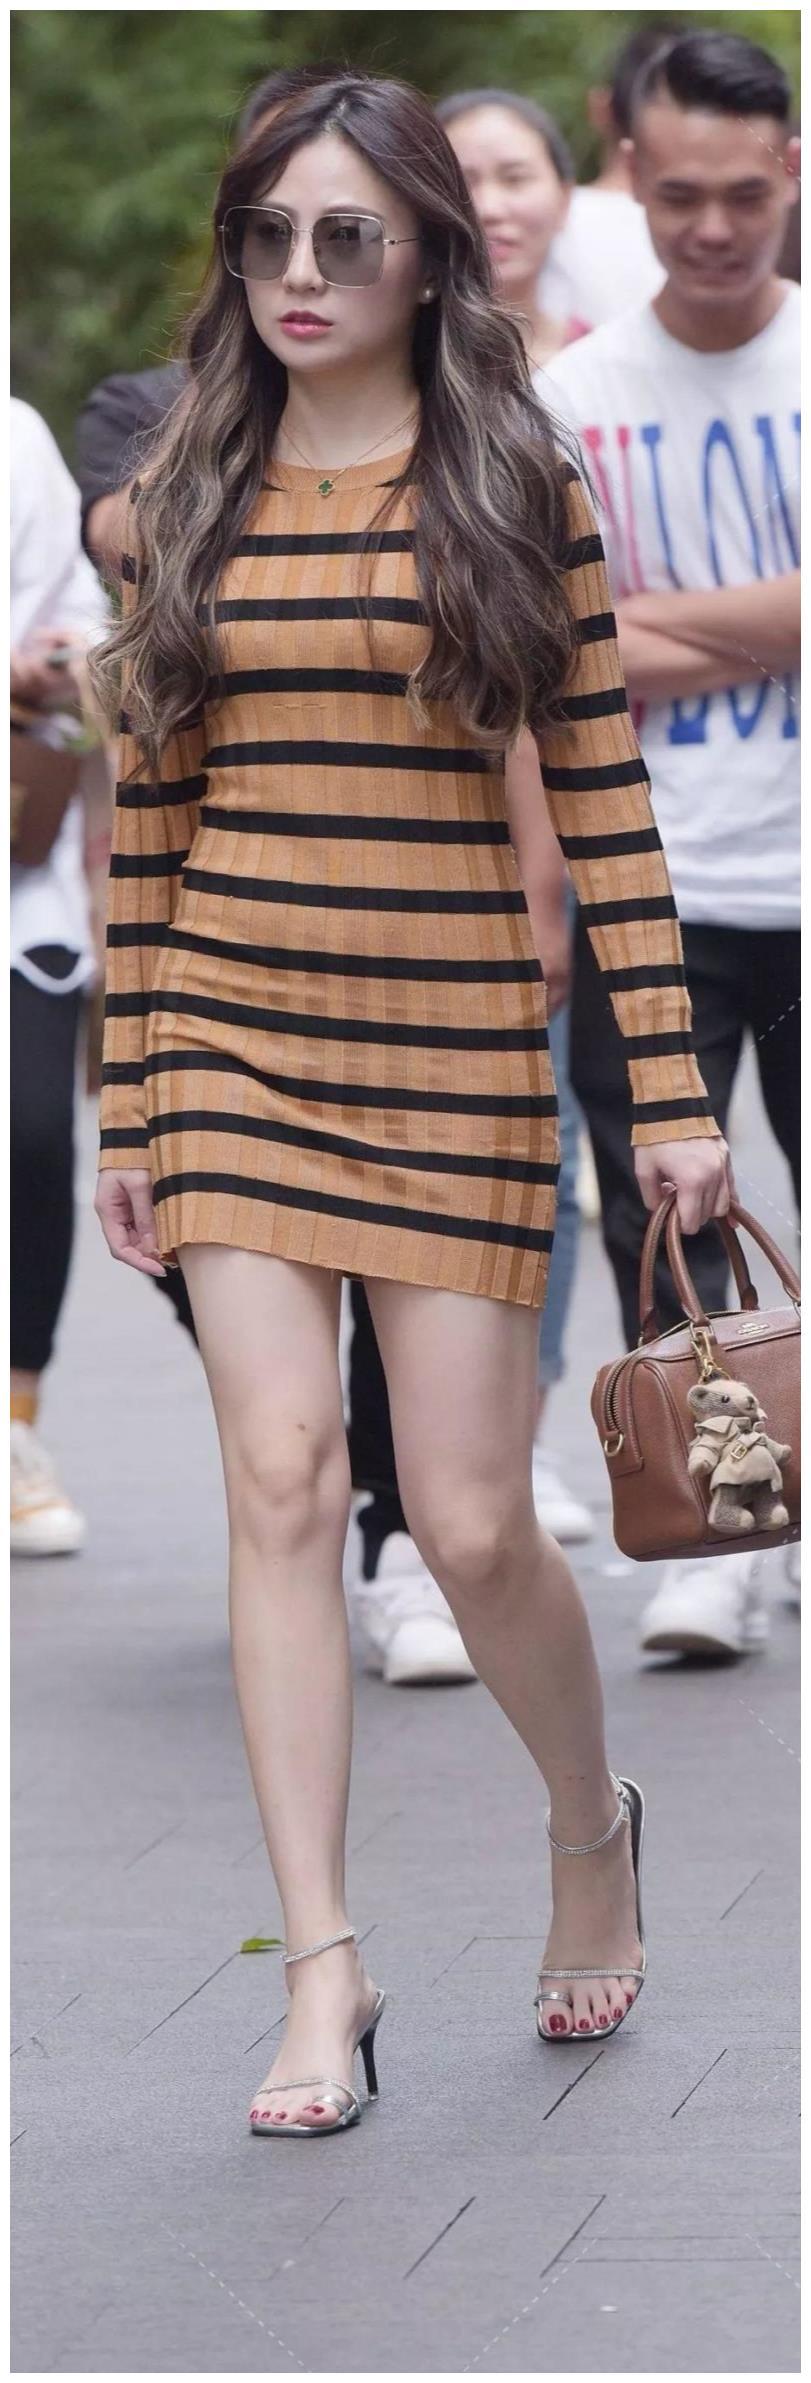 美女穿着横条纹的连衣裙,看上去非常的优雅迷人,很是养眼